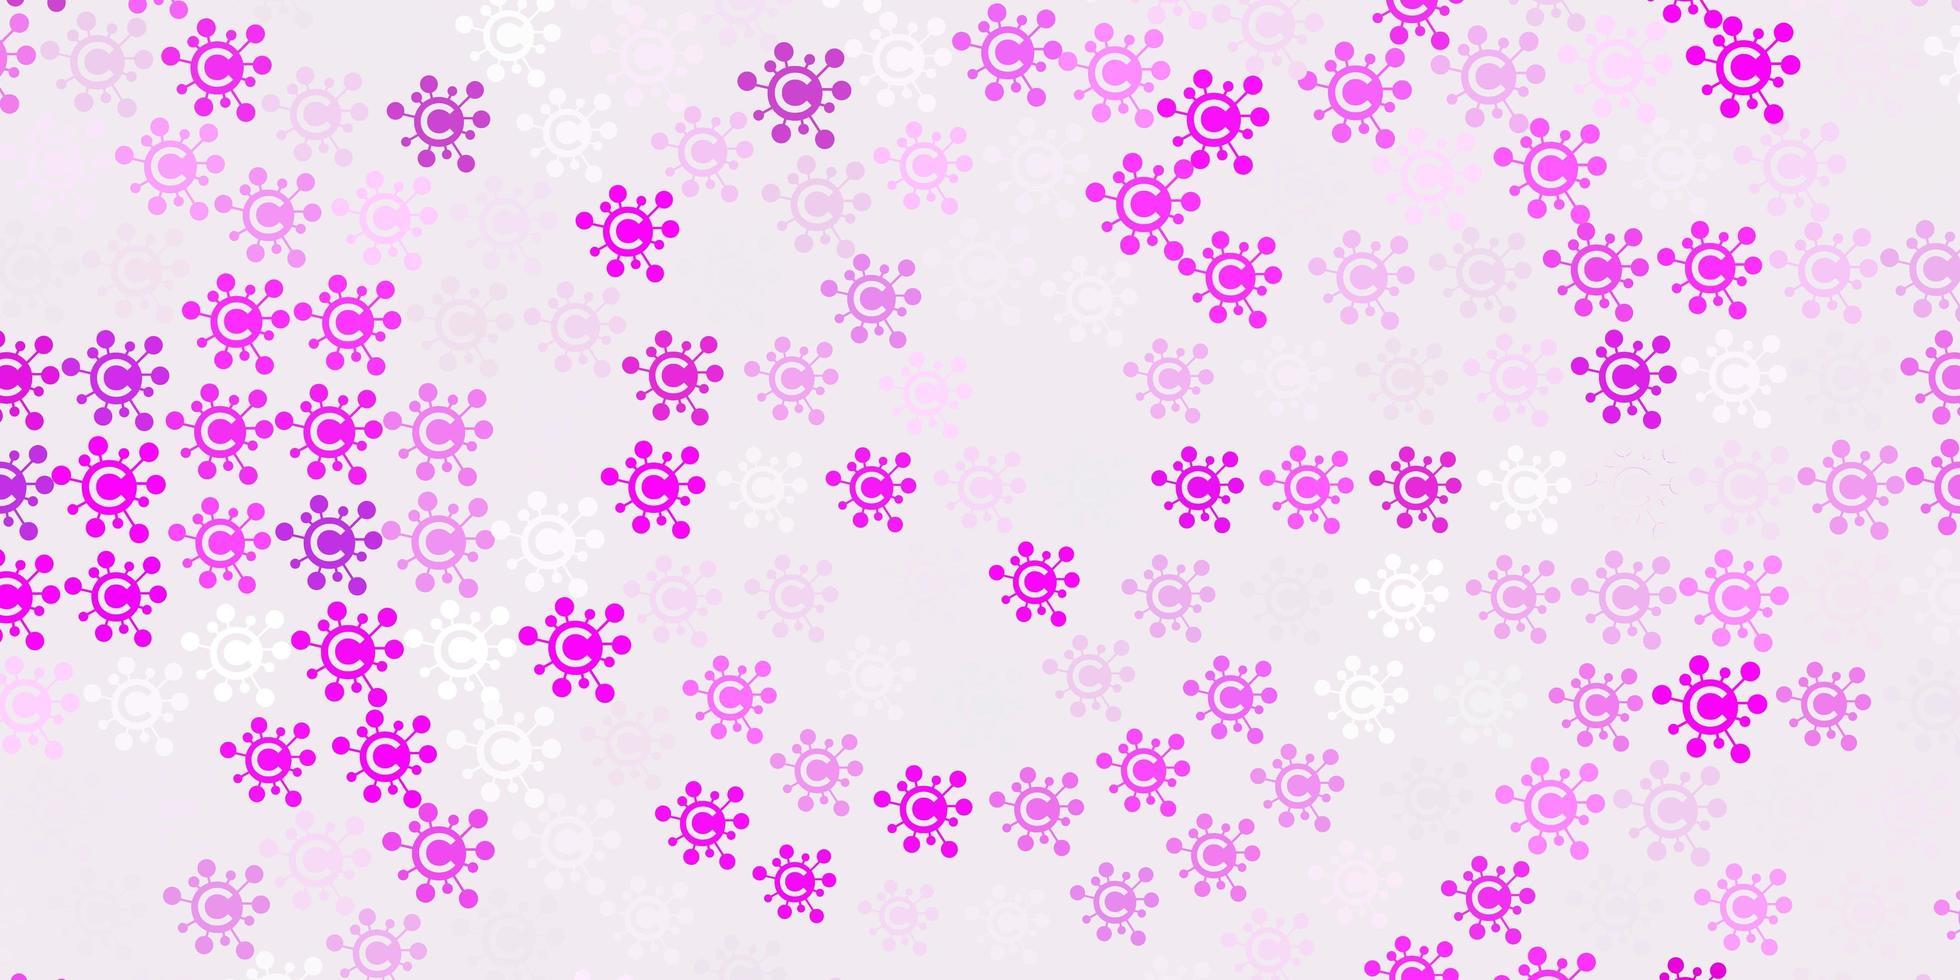 modello vettoriale viola chiaro, rosa con elementi di coronavirus.